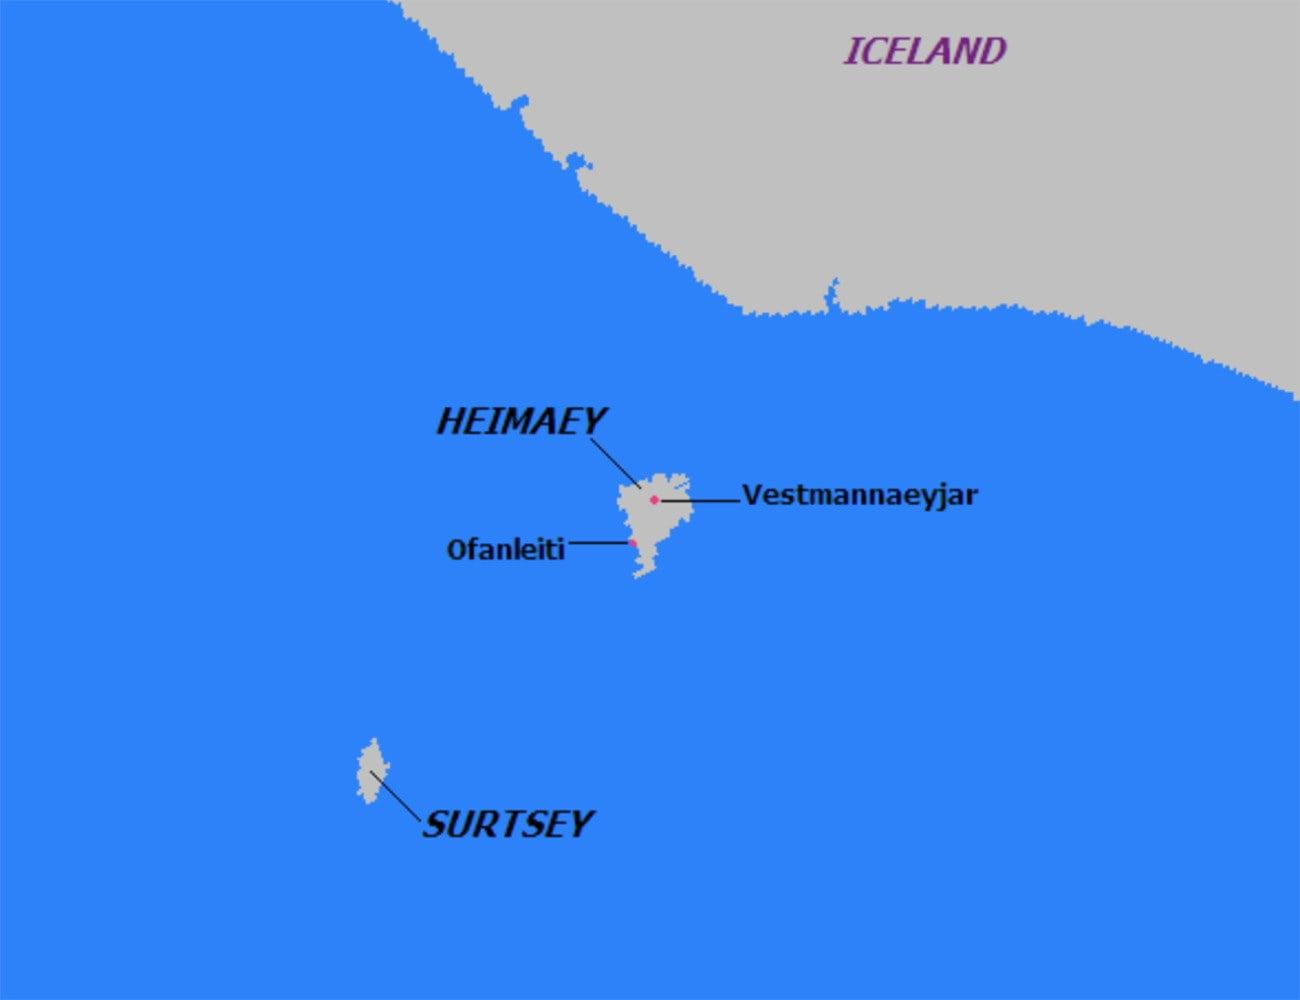 Mapa de localização da ilha Surtsey